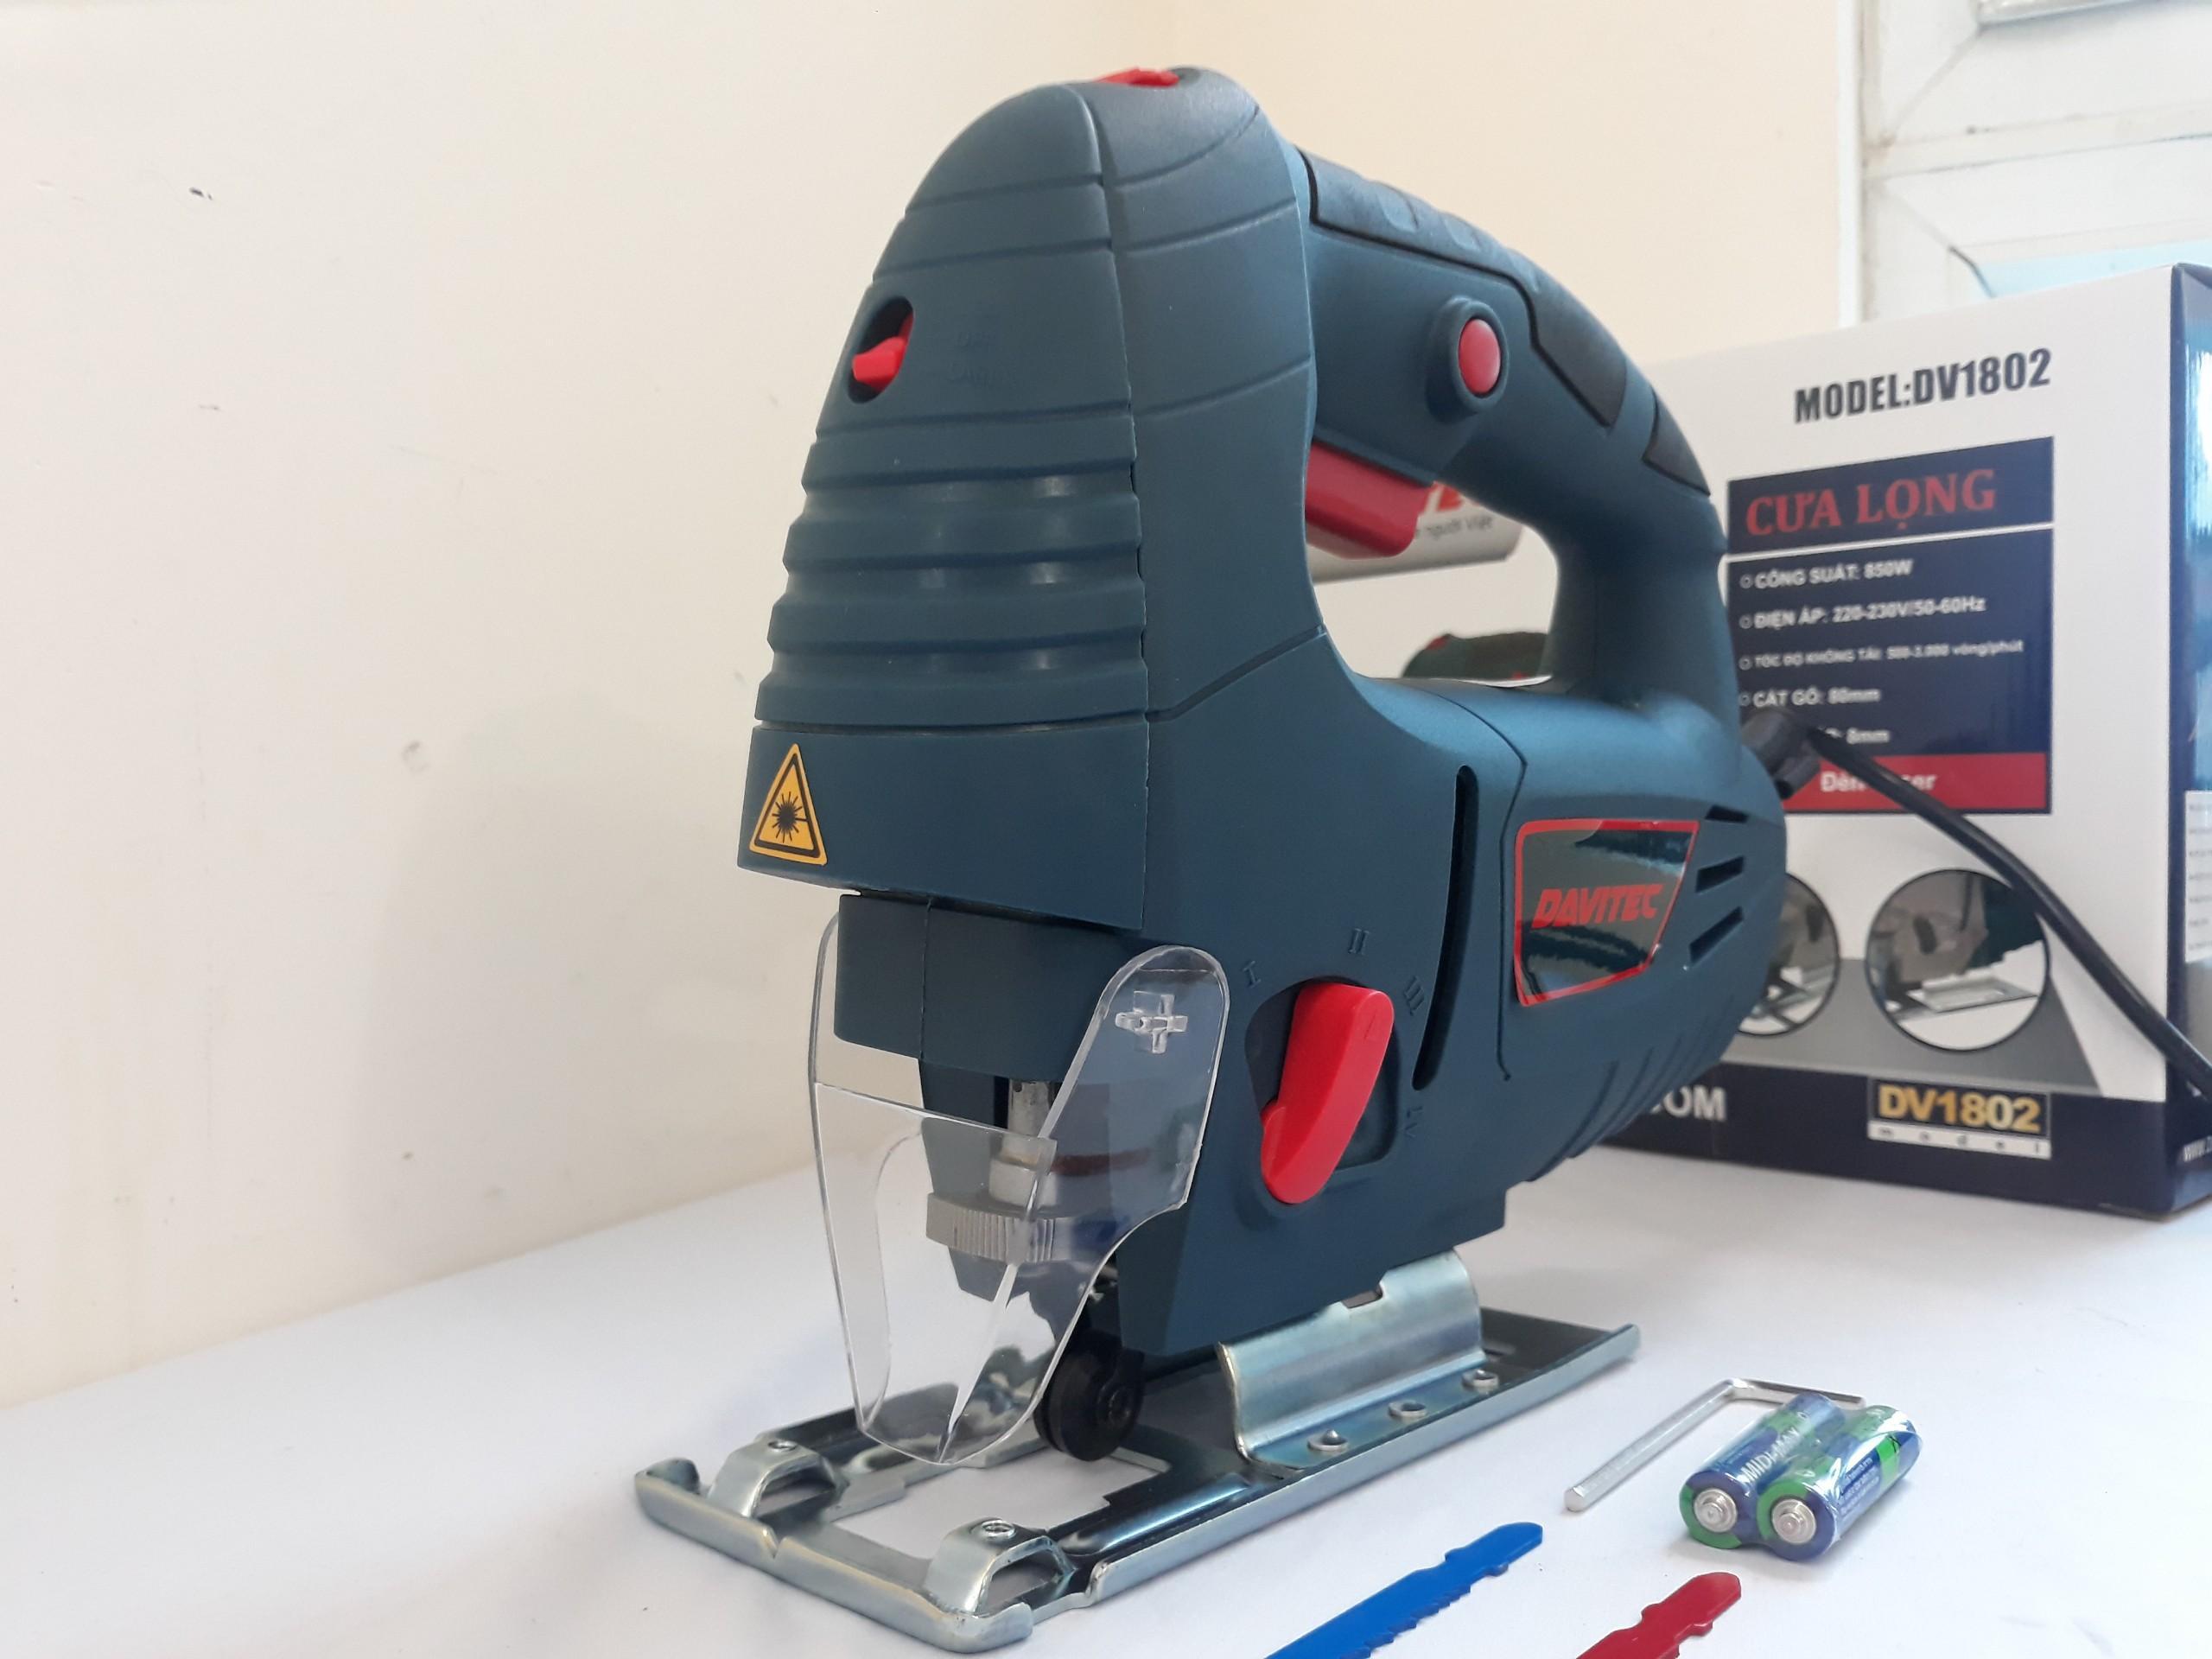 DV1802 - Cưa lọng có đèn Laser